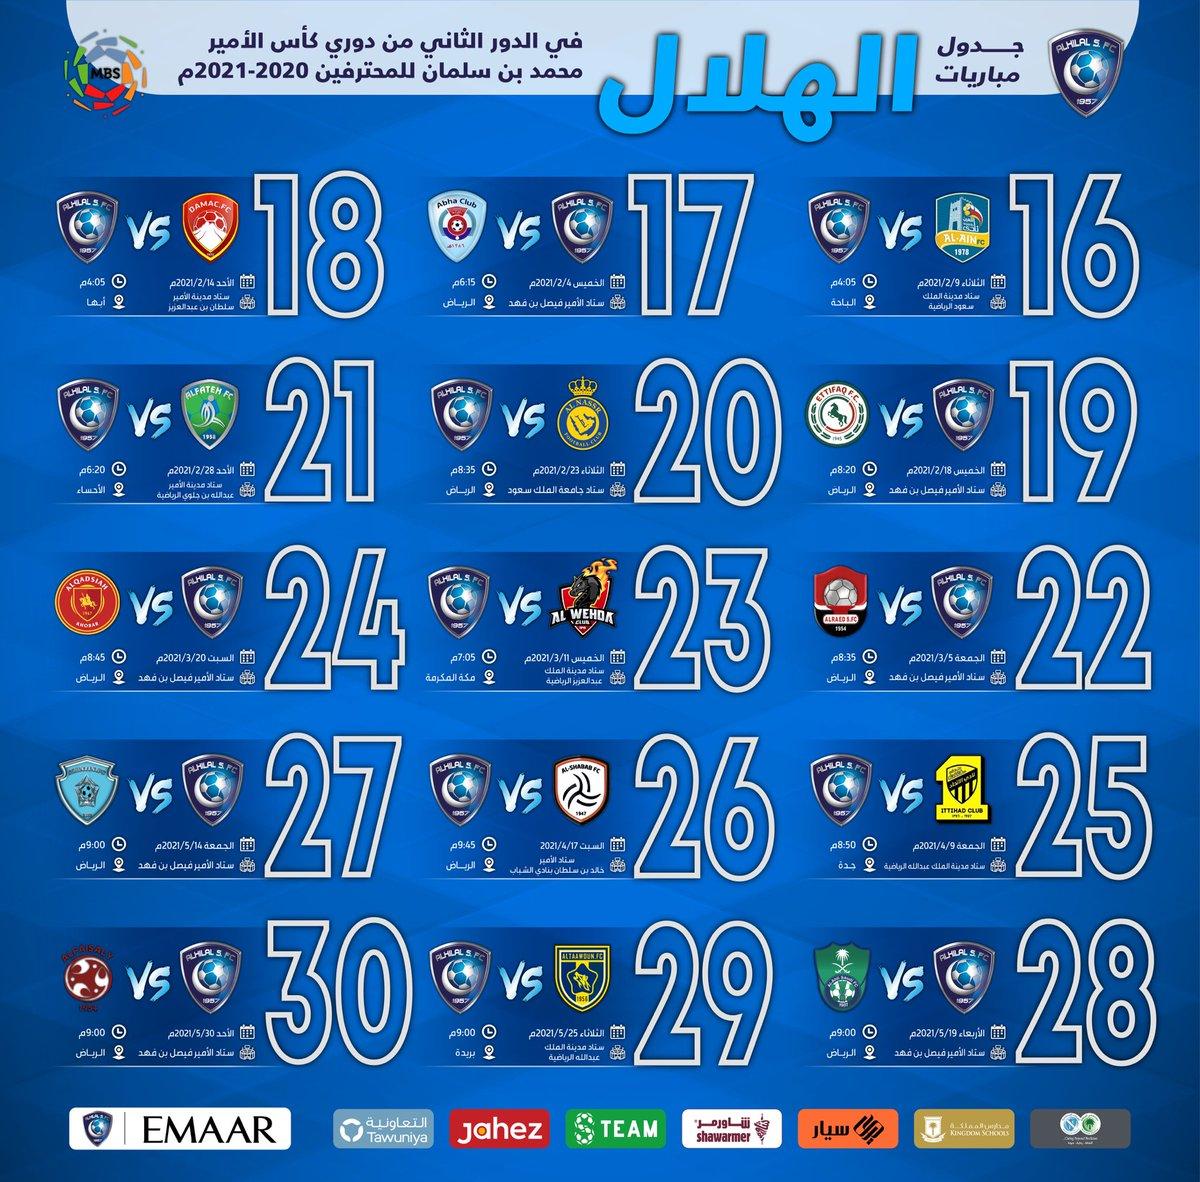 🗓 تعرّف على جدول مباريات #الهلال في الدور الثاني من دوري كأس الأمير محمد بن سلمان للمحترفين   #انفوجرافيك_الهلال